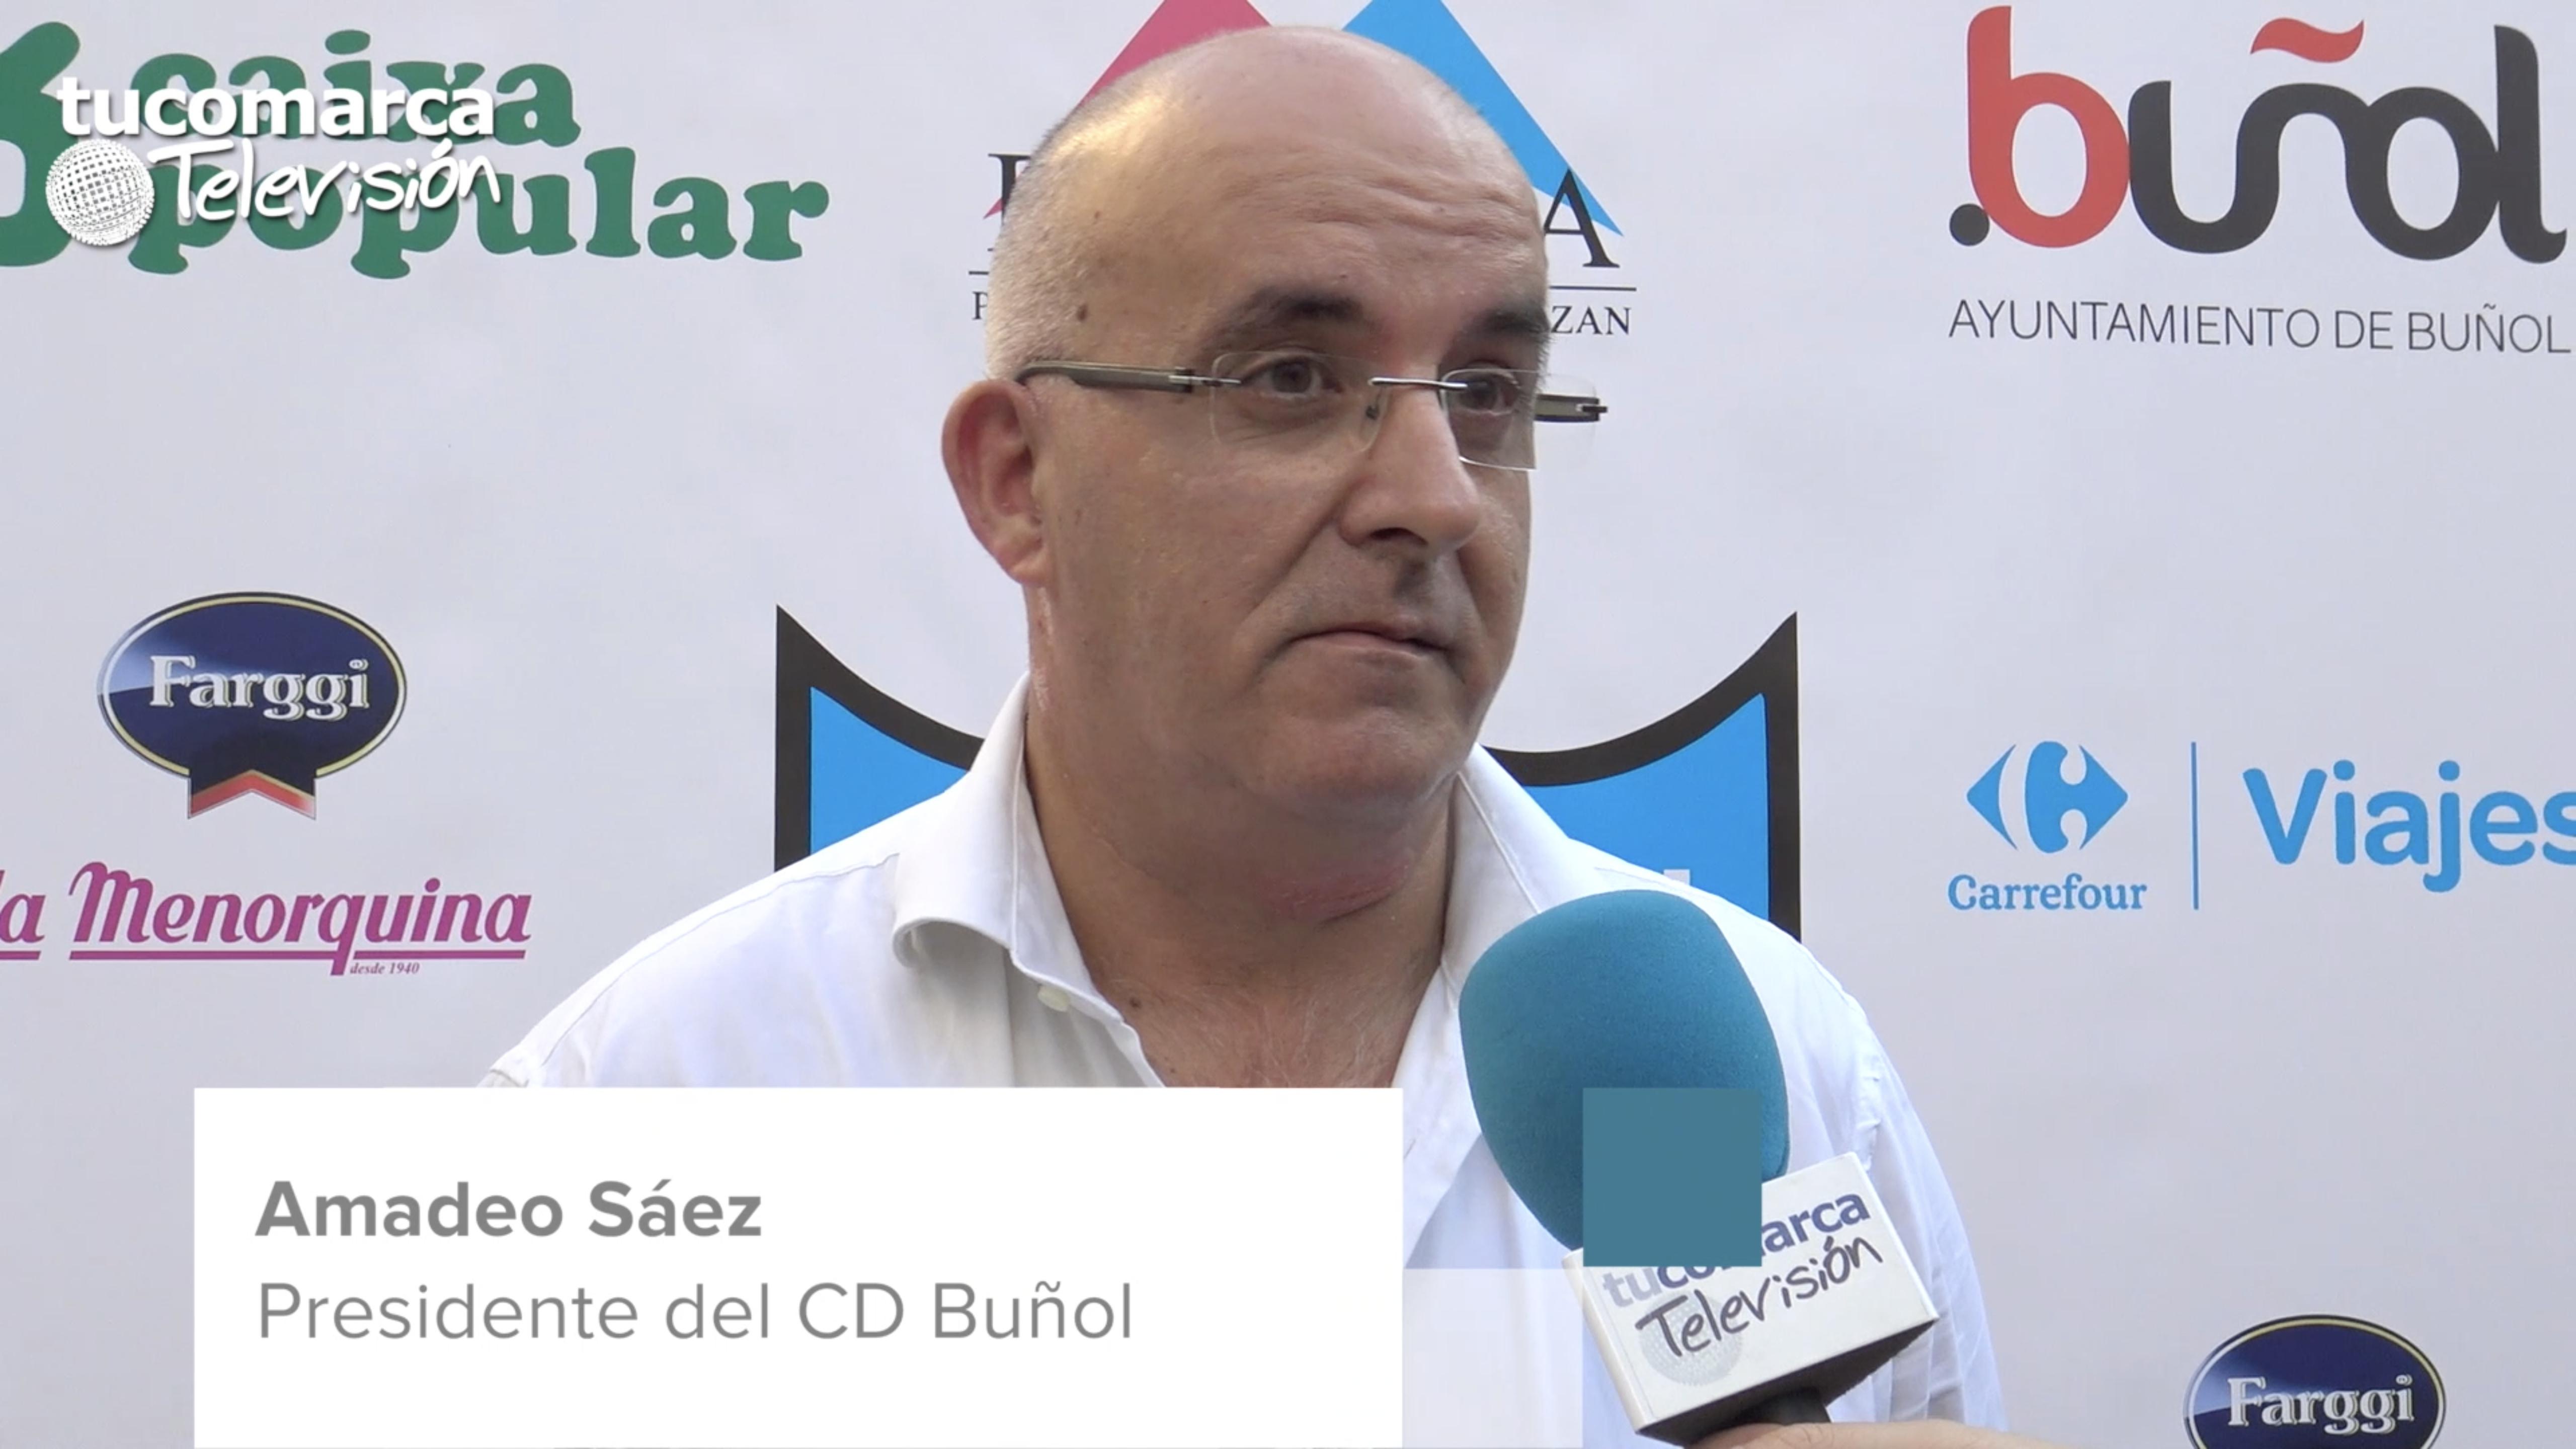 El presidente del Club Deportivo Buñol, Amadeo Sáez, durante la entrevista realizada en tucomarca televisión.